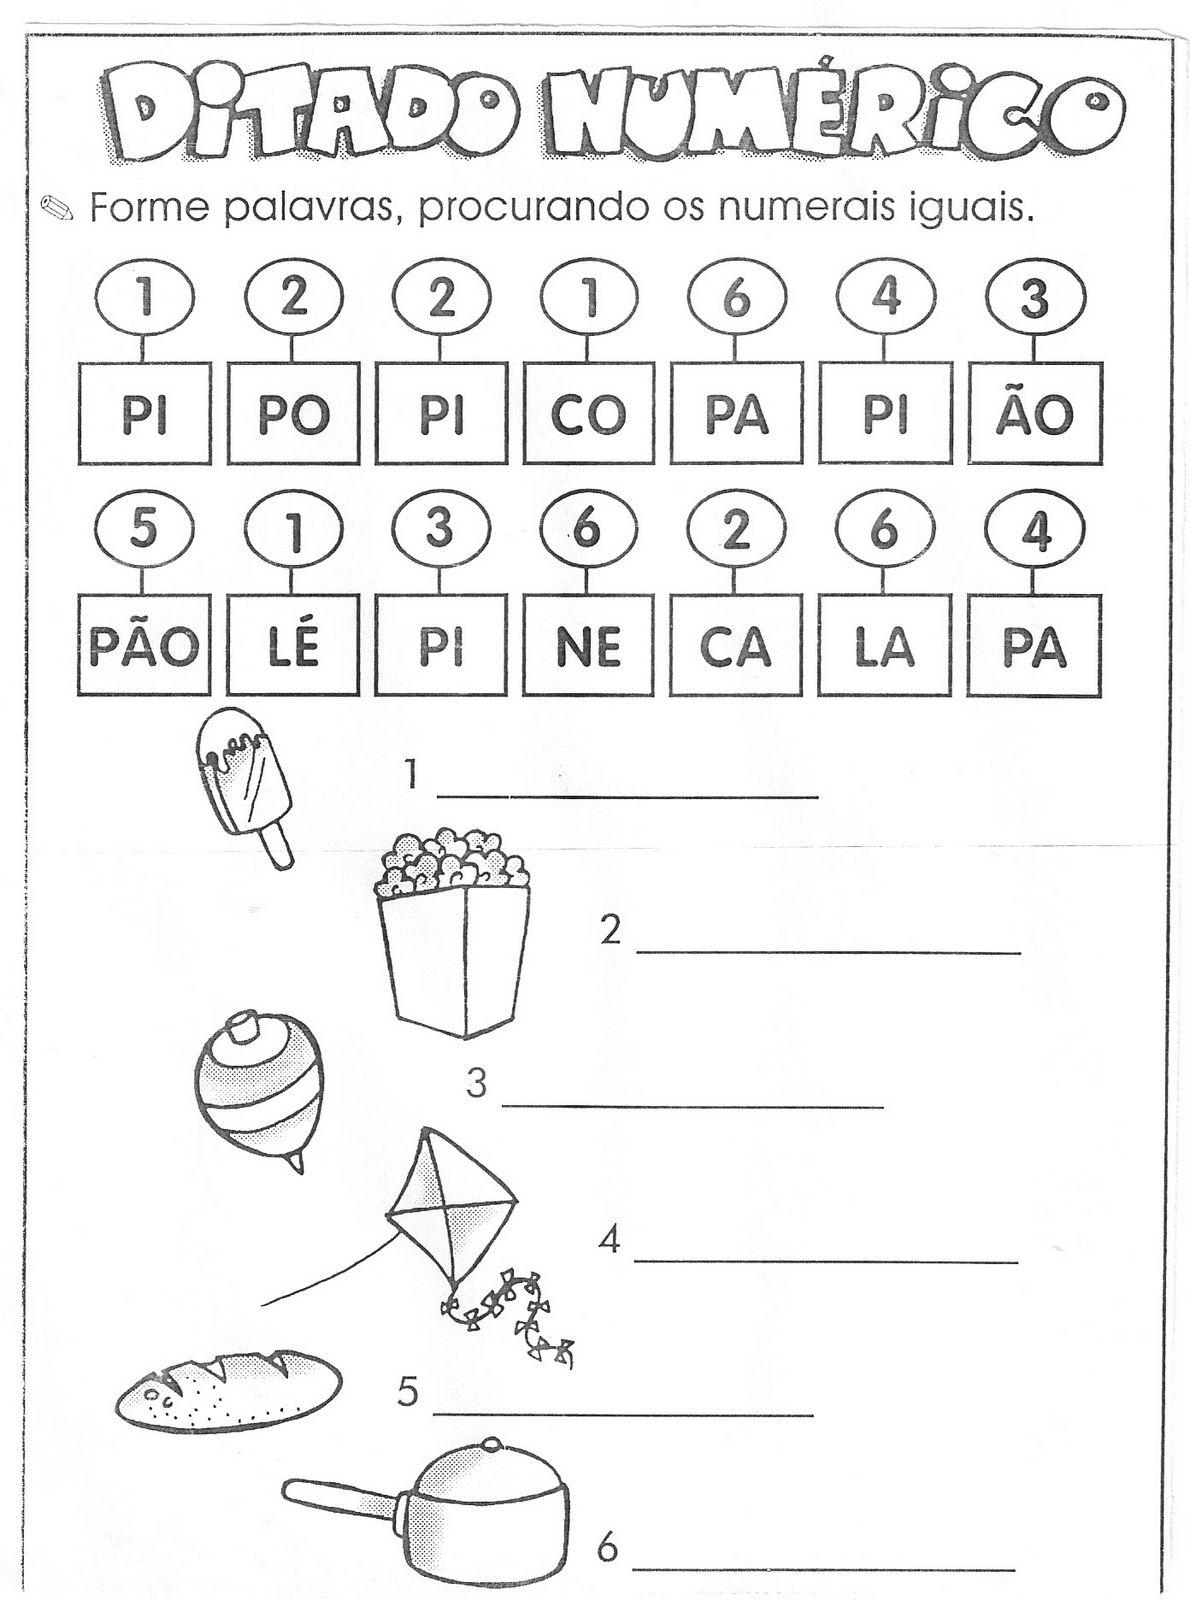 Atividades Com Silabas Simples Para Formar Palavras